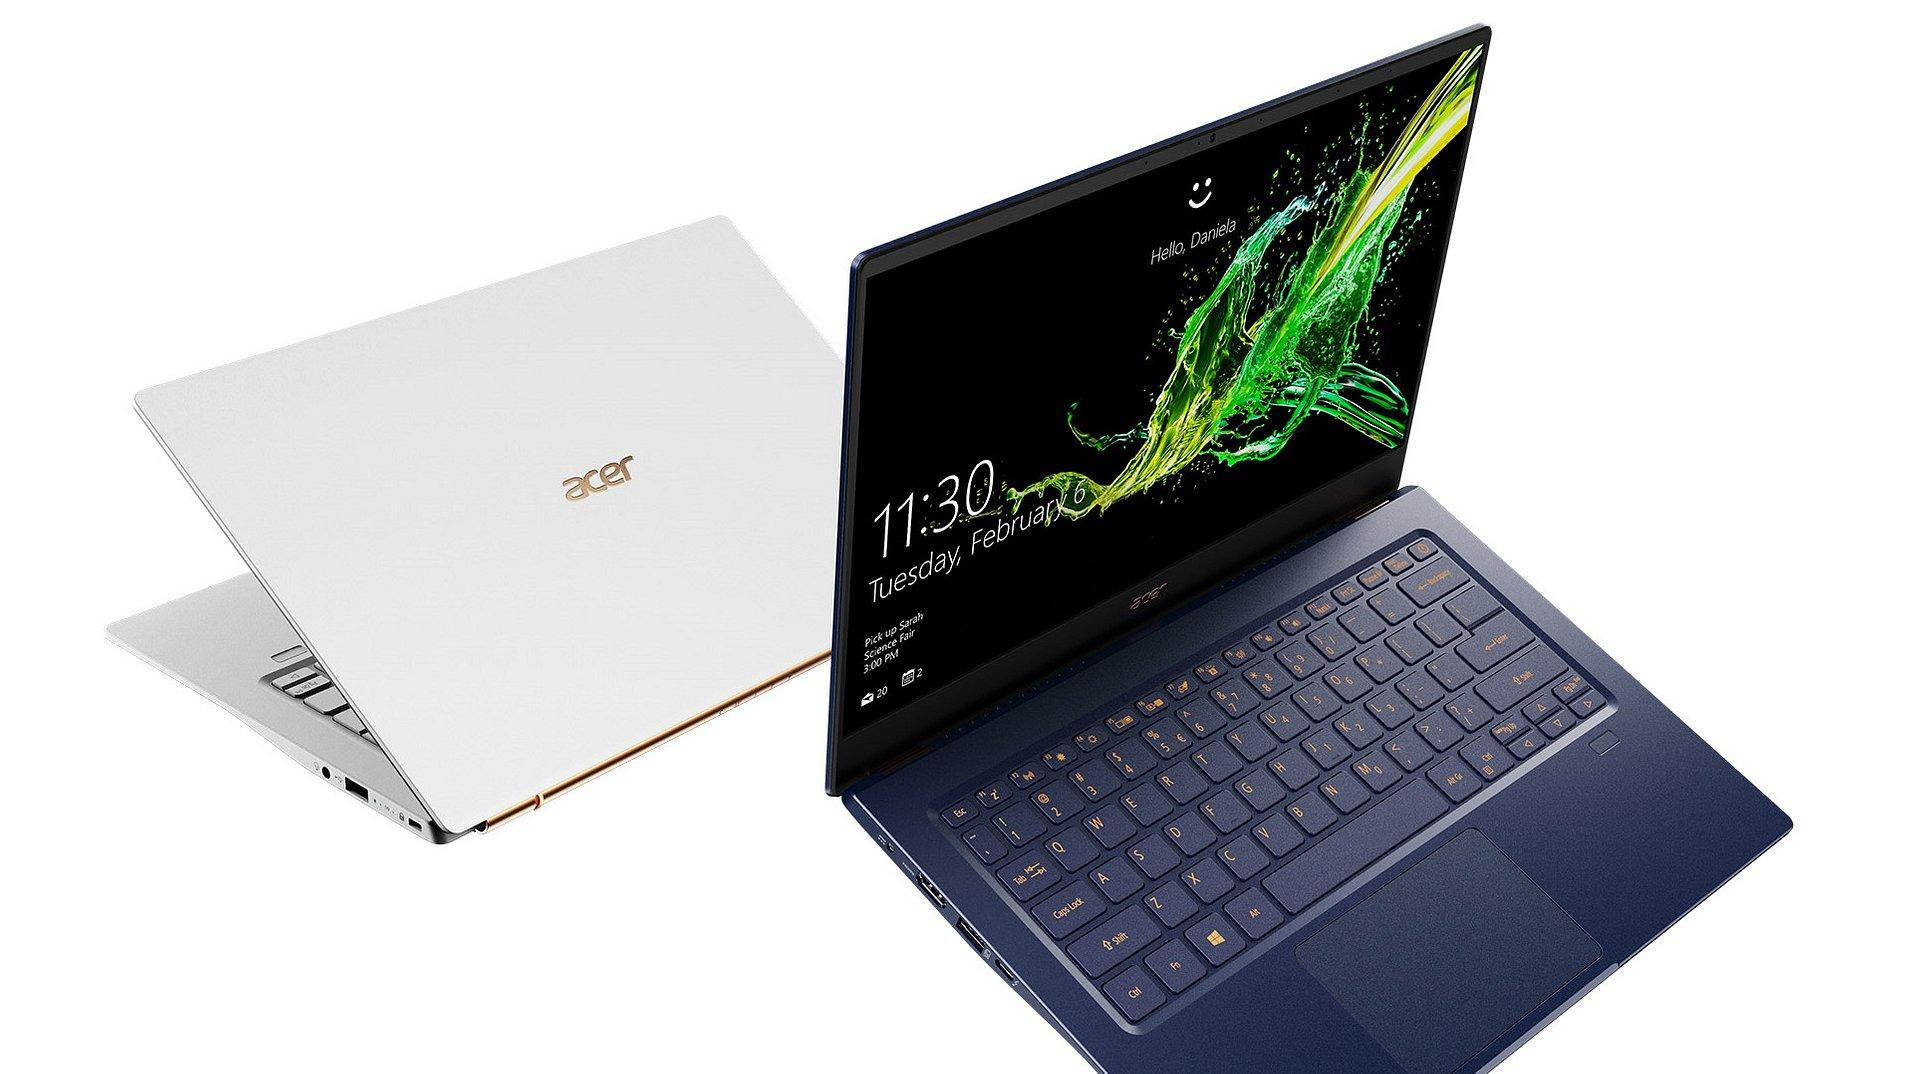 Najnowsze modele Acer Swift i Aspire dostępne w Polsce z energooszczędnymi procesorami 10. generacji Intel Core